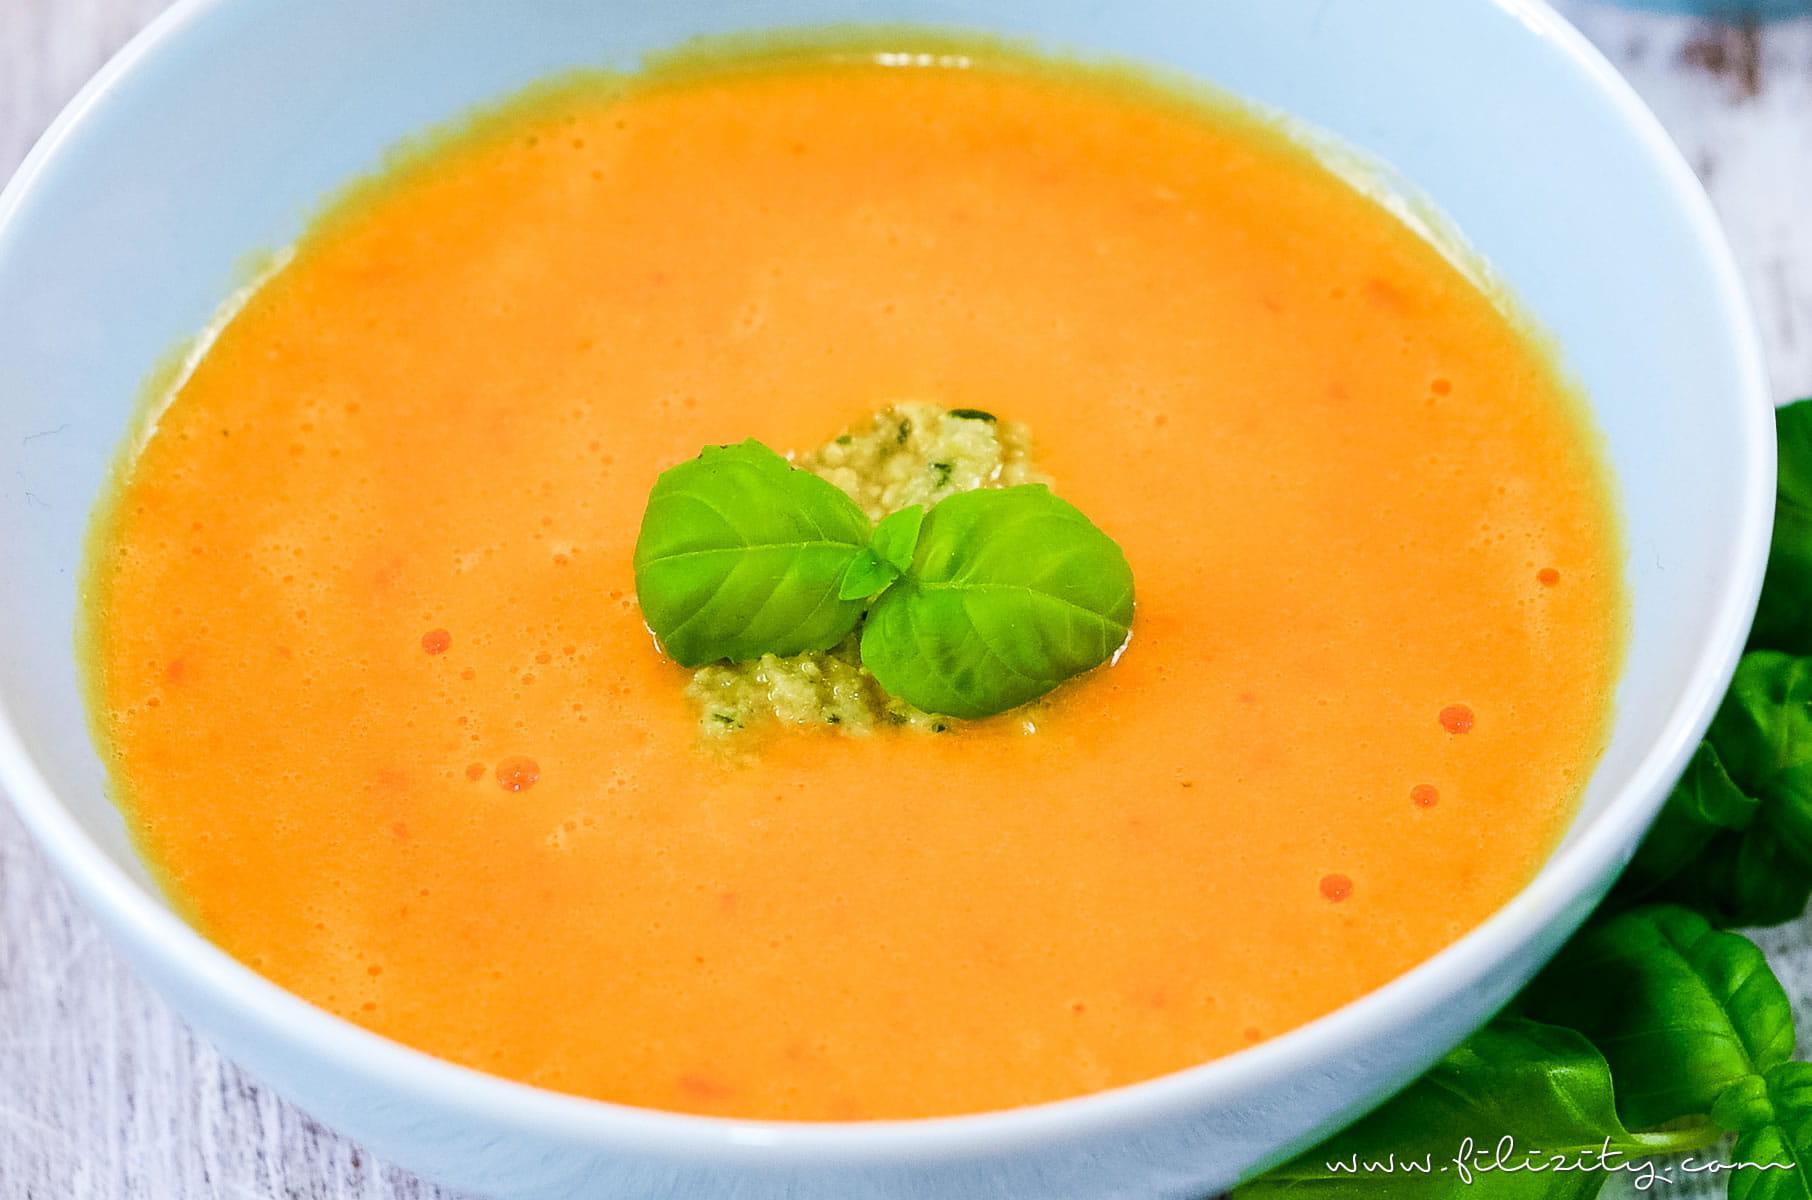 Rezept für mediterrane Paprika-Cremesuppe mit Olivenpesto als perfekte Vorspeise | Filizity.com | Food-Blog aus dem Rheinland #vegetarisch #suppe #soulfood